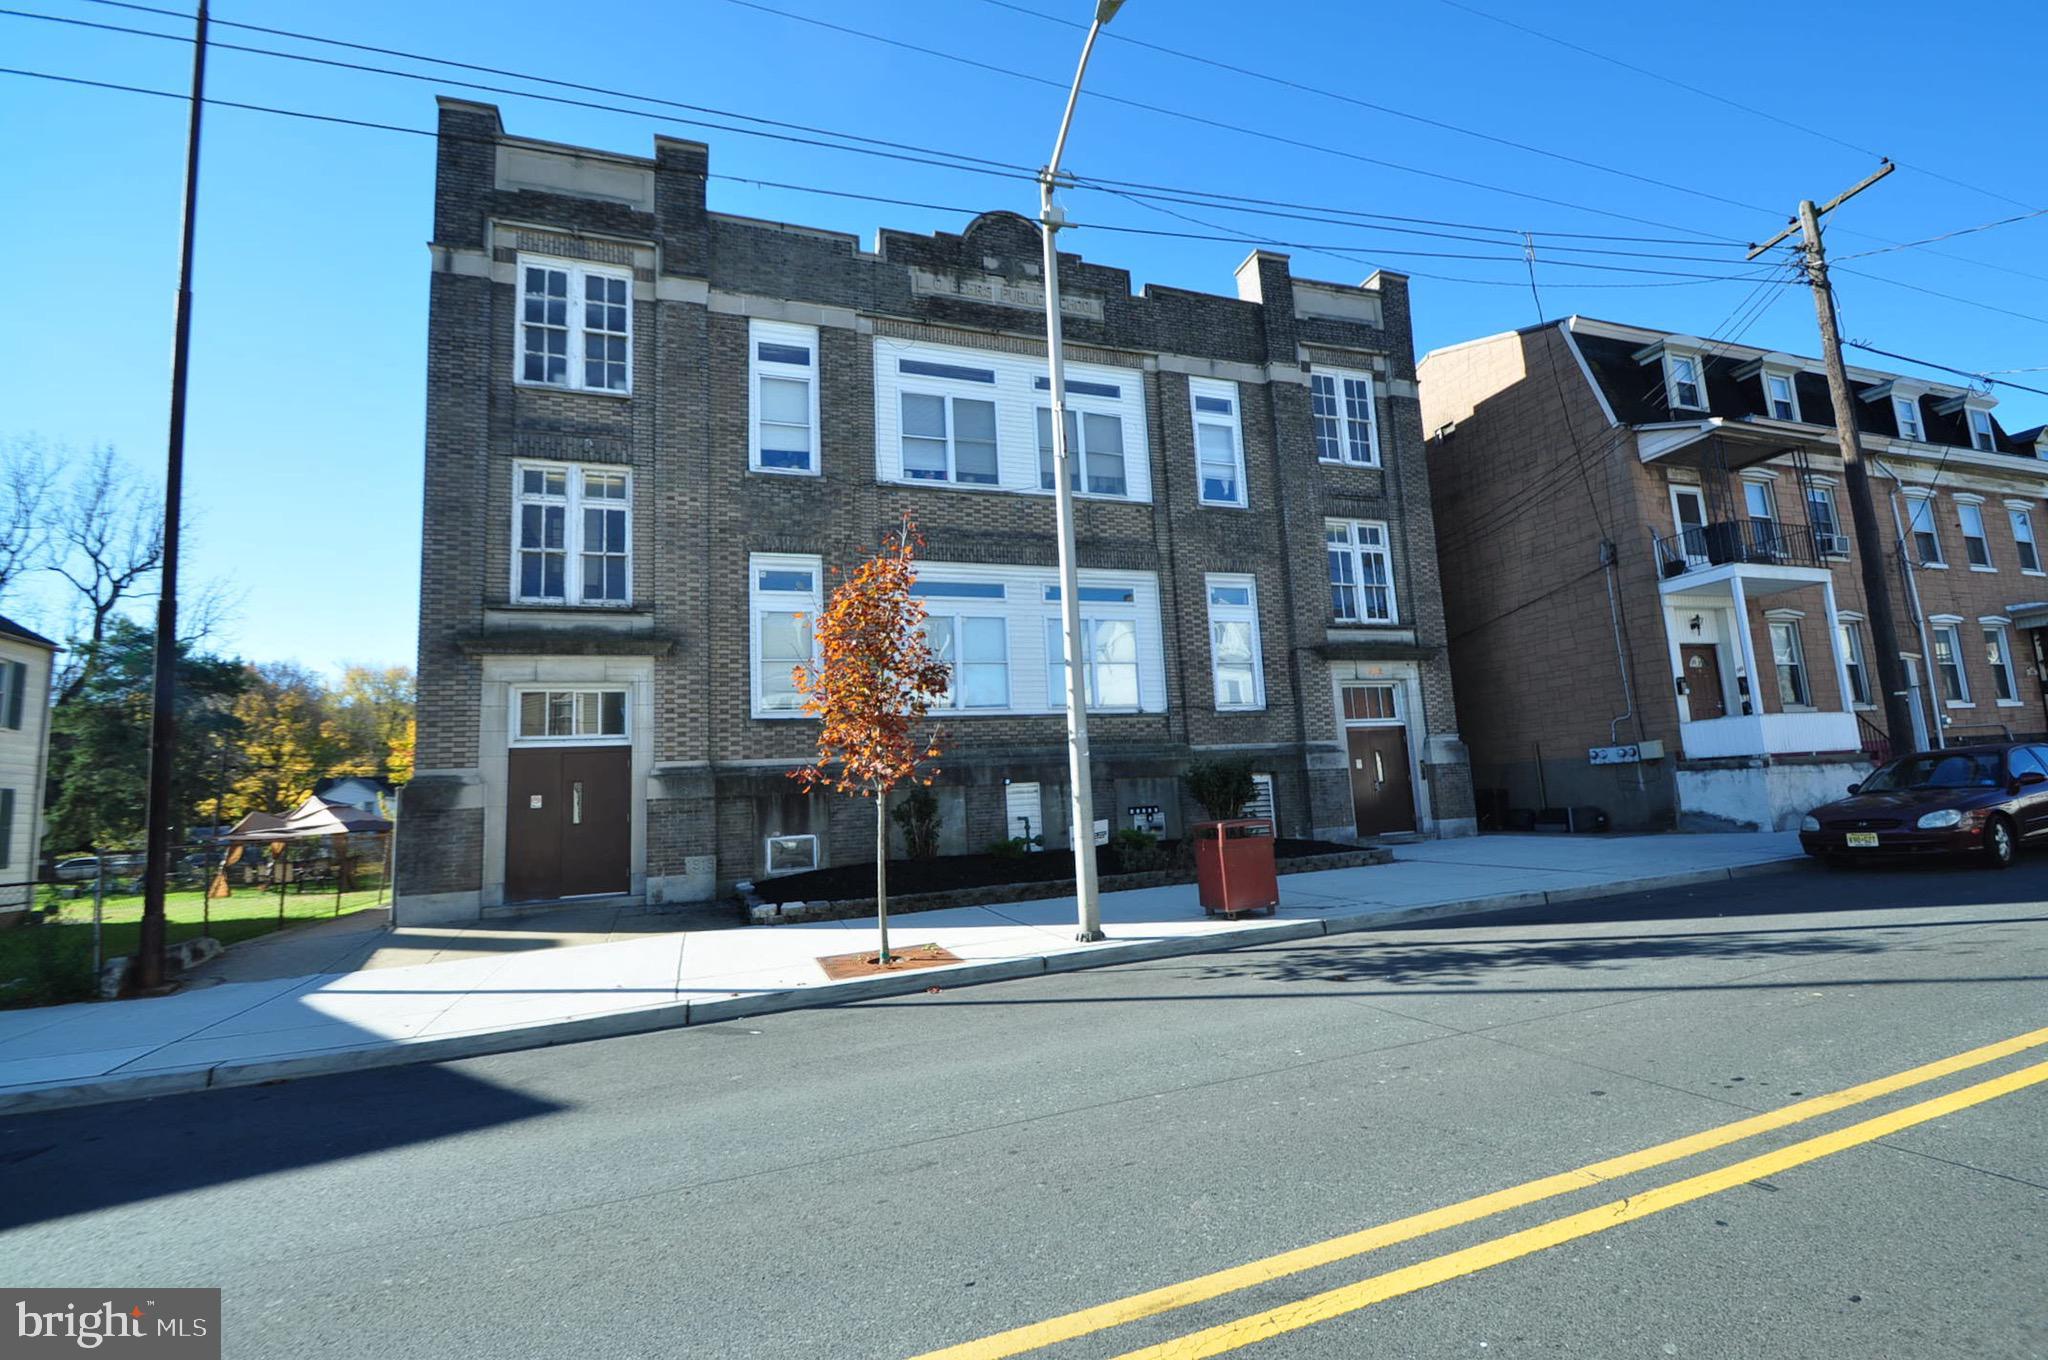 582 S MAIN STREET, PHILLIPSBURG, NJ 08865